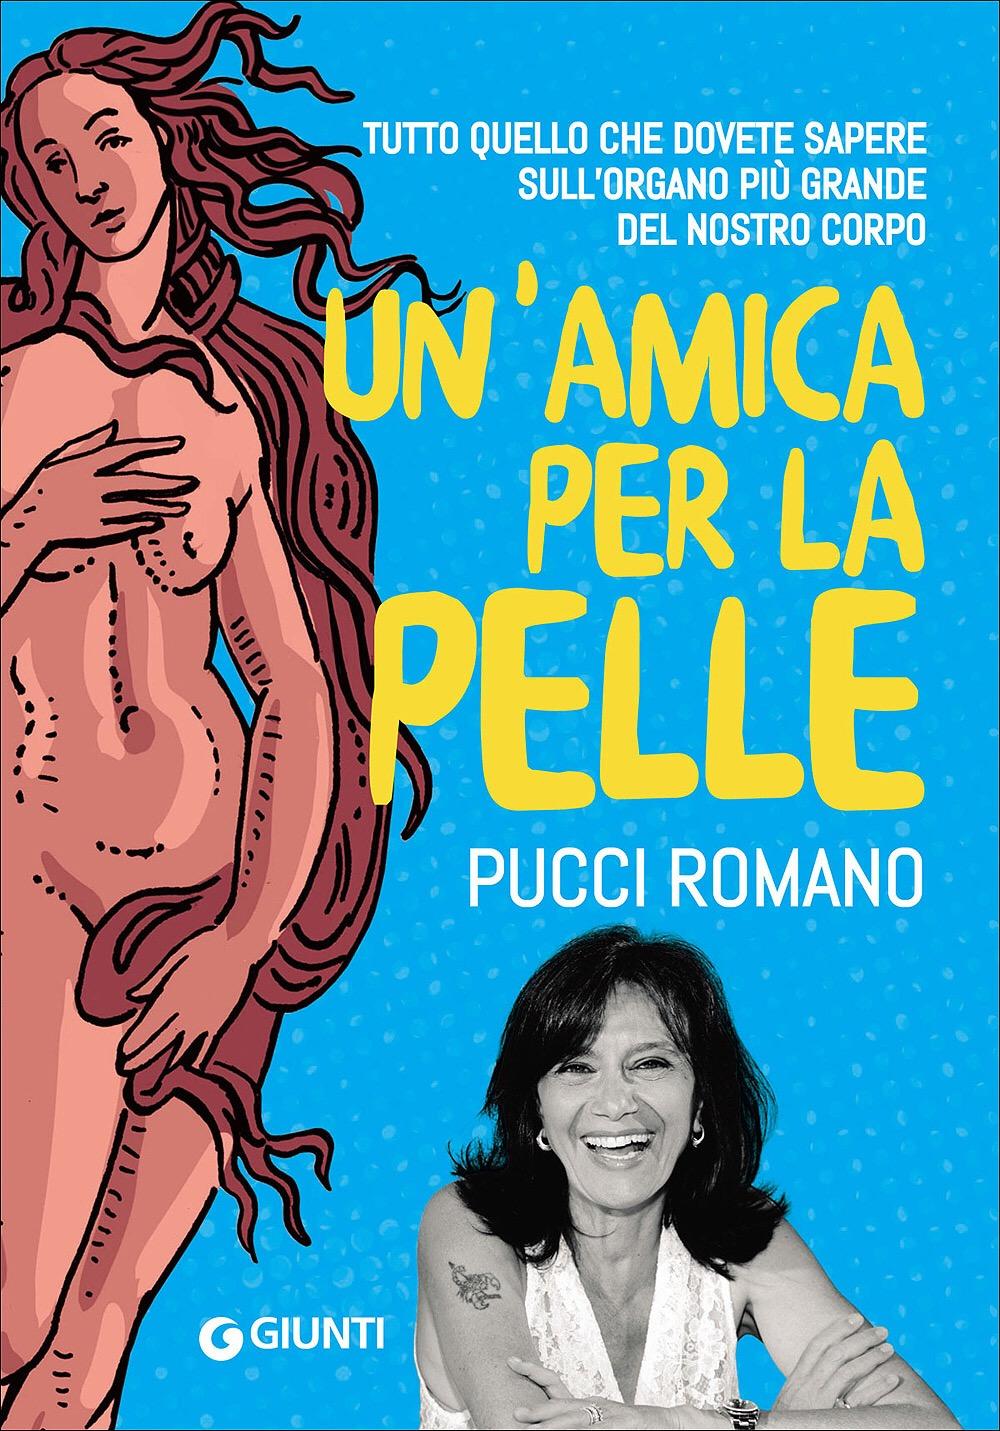 UN'AMICA PER LA PELLE di Pucci Romano, Giunti,